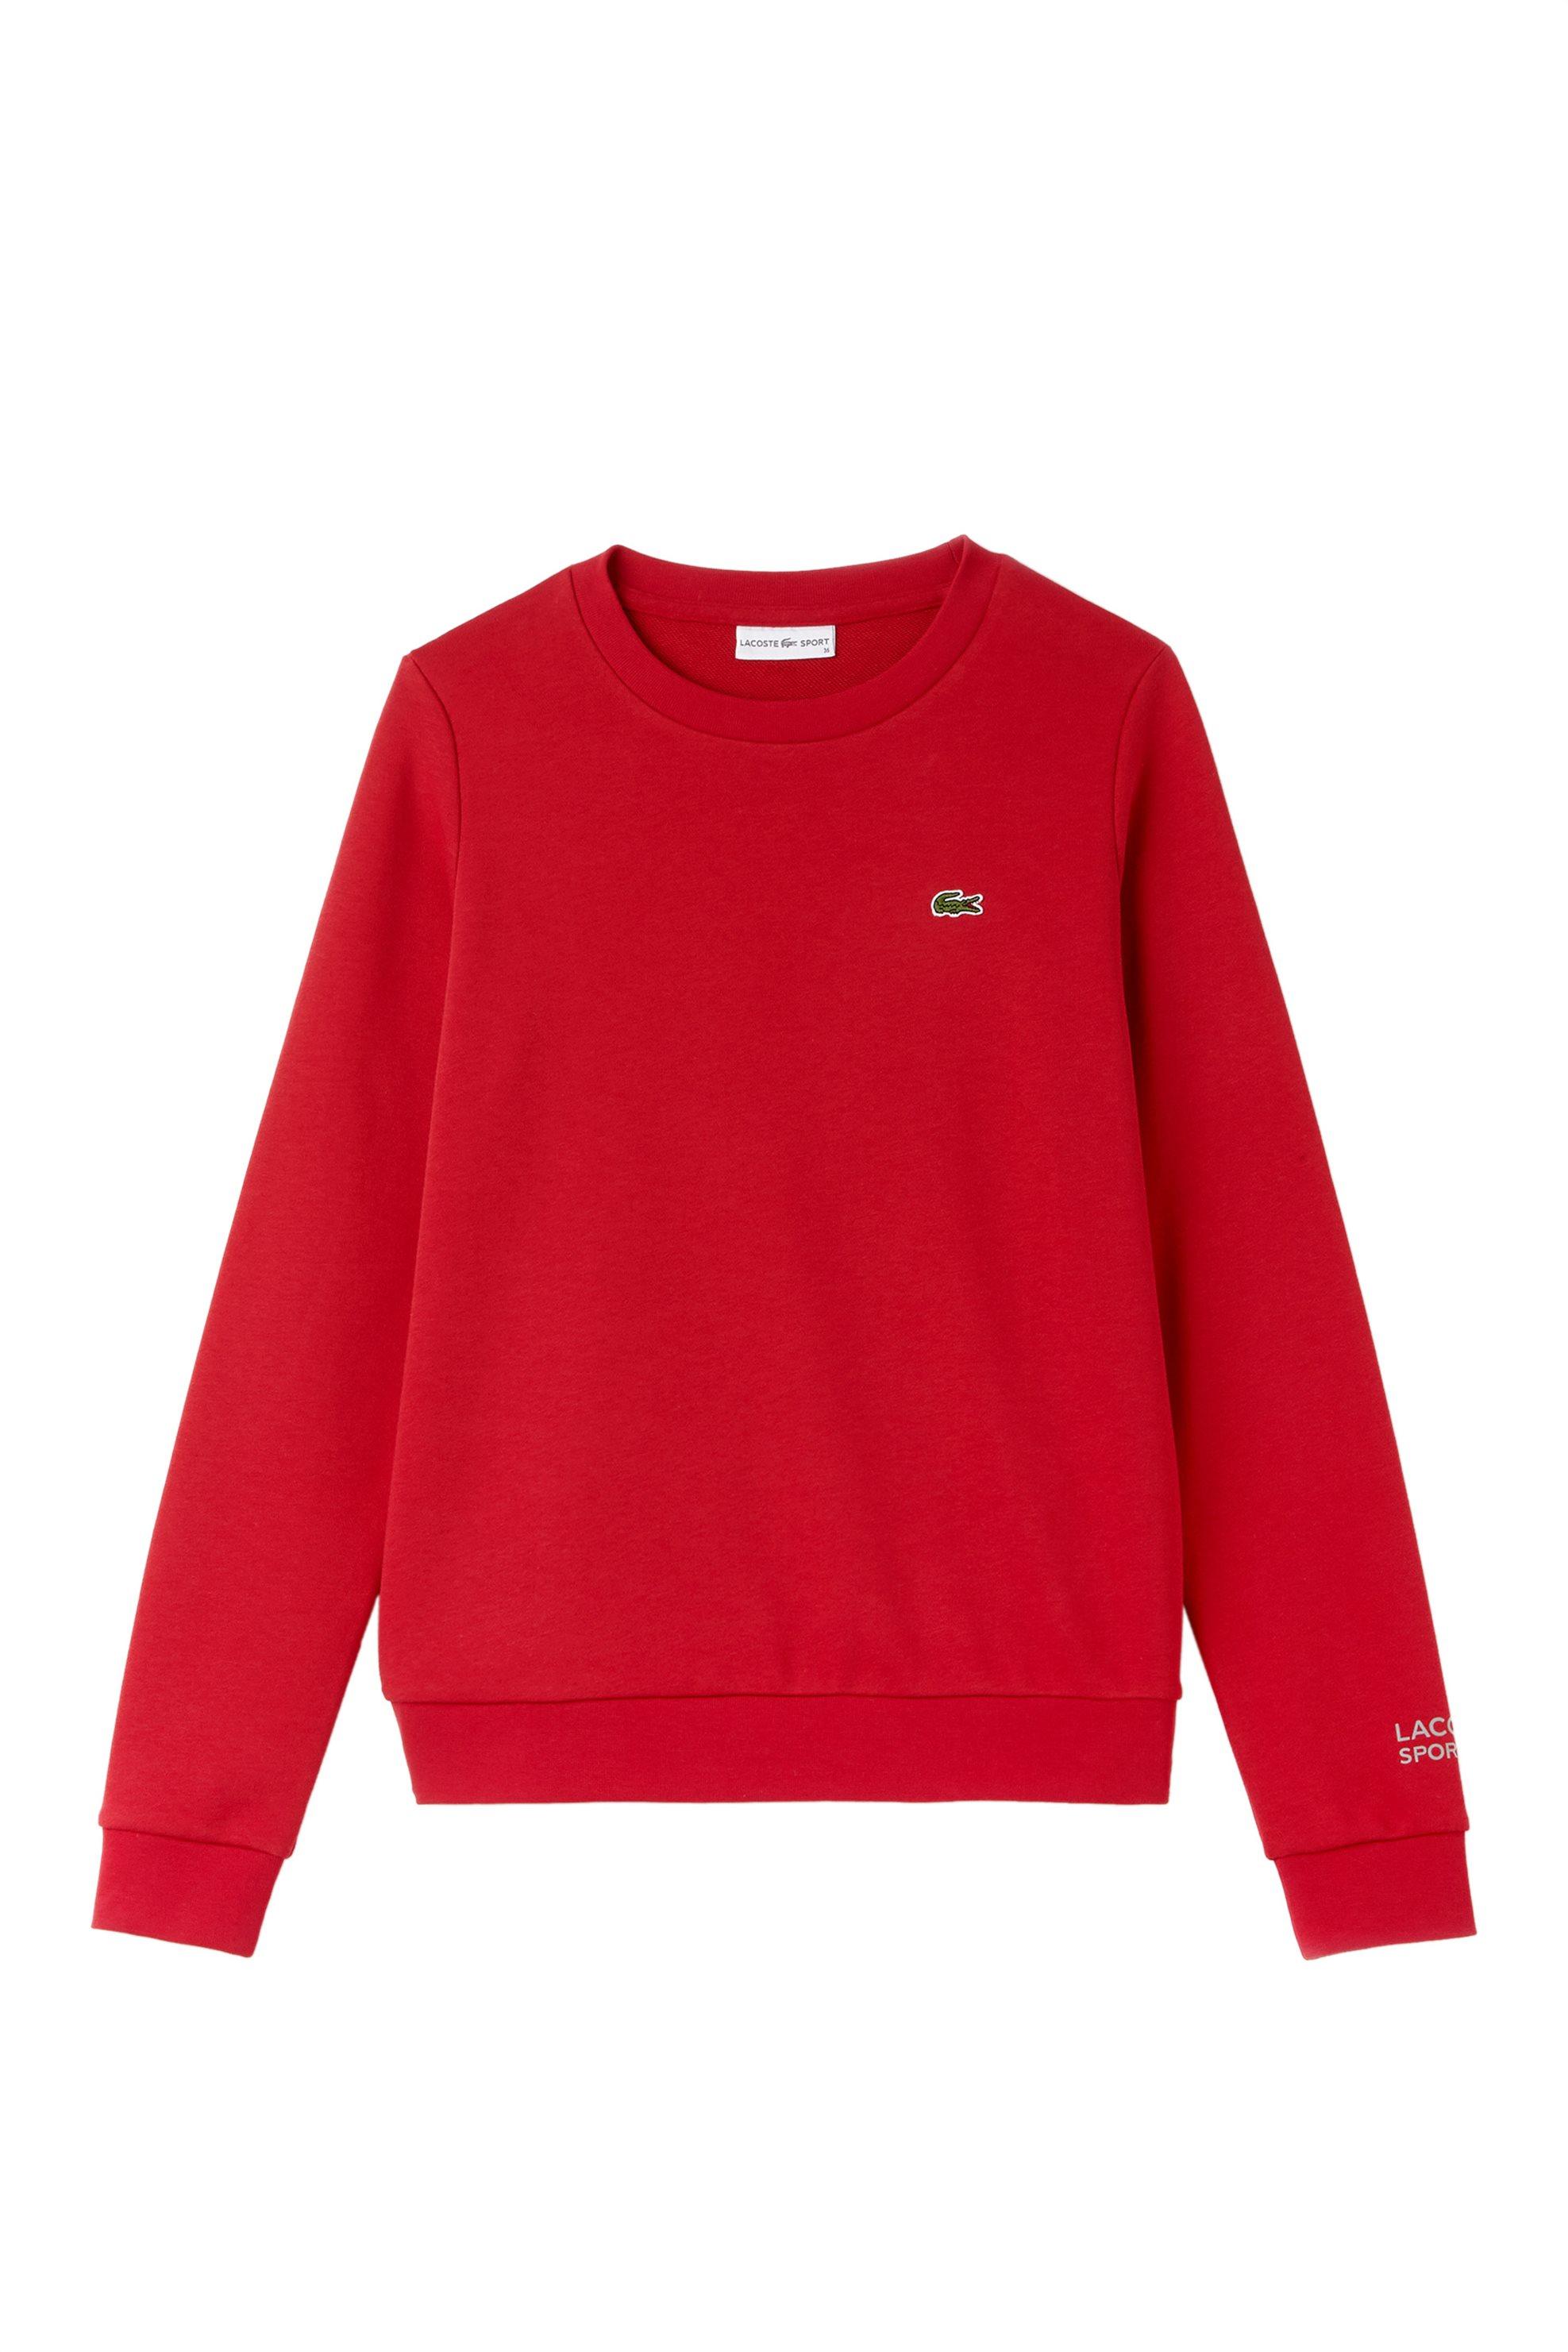 Lacoste ανδρικό φούτερ μονόχρωμο The Spring / Summer 2018 Tennis Collection - SF γυναικα   ρουχα   tops   φούτερ μπλούζες   ζακέτες